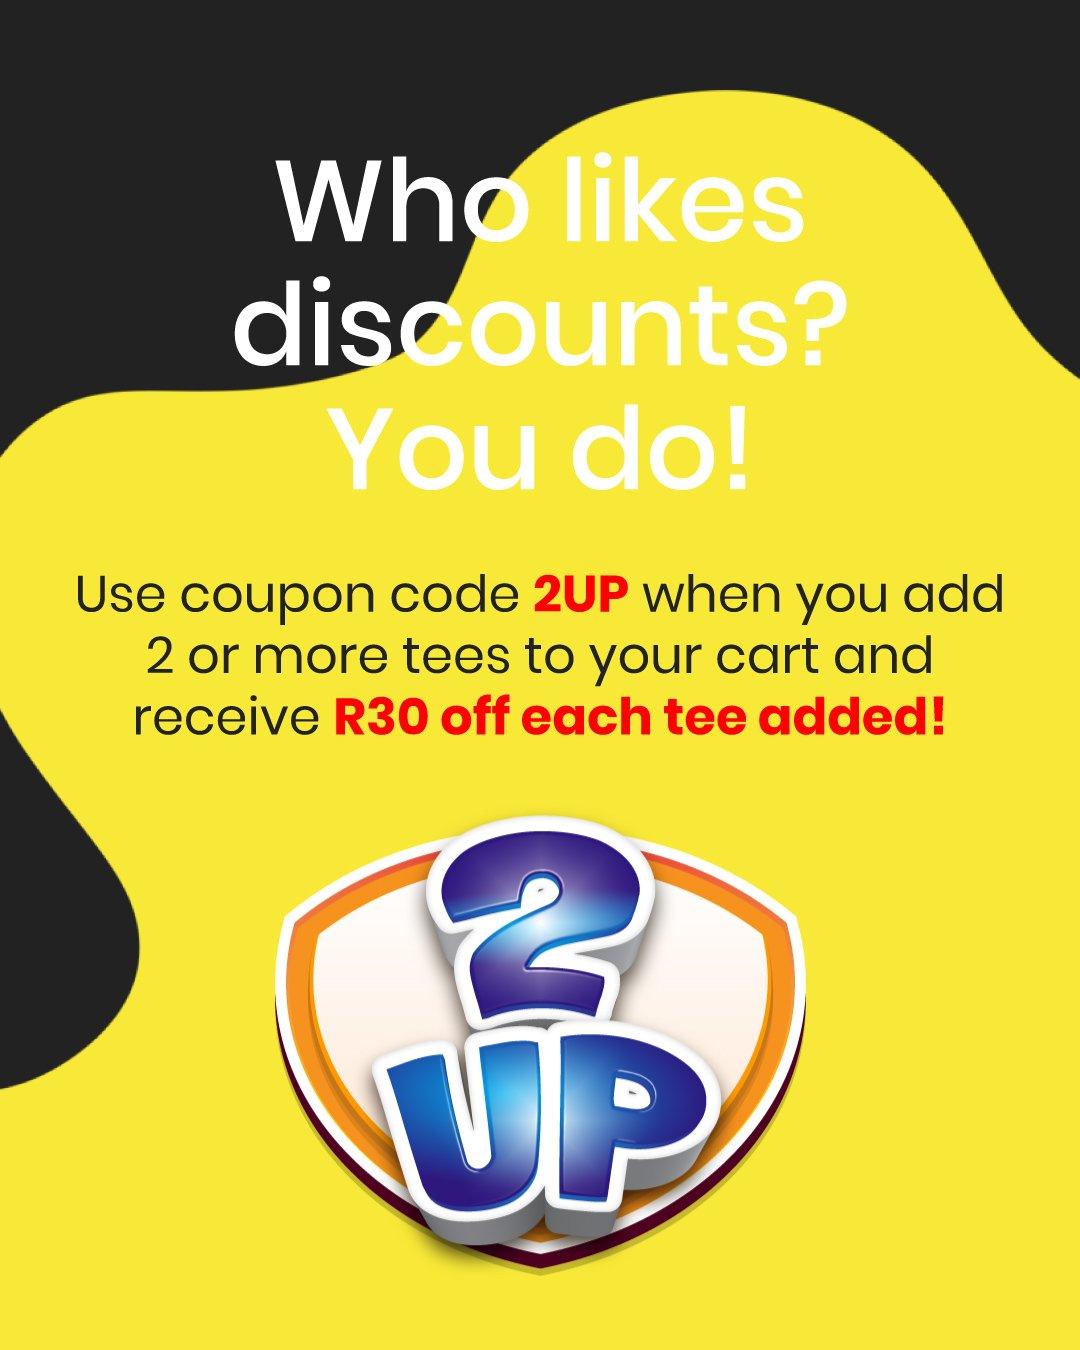 2up discount t-shirt banner